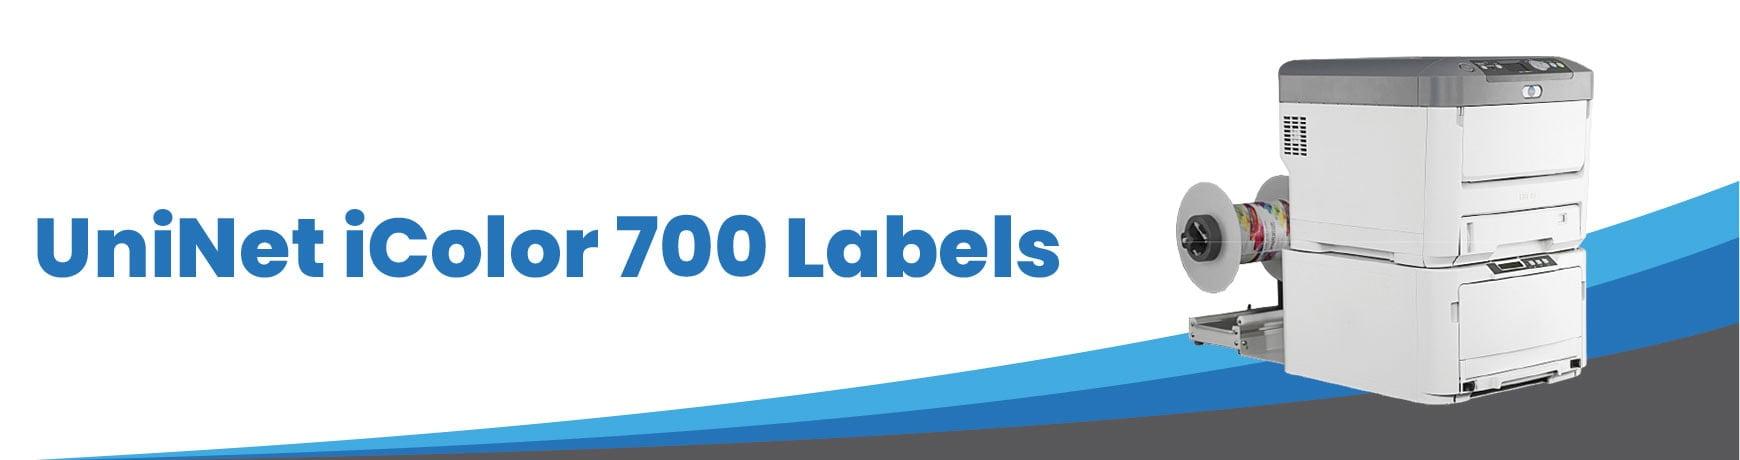 UniNet iColor 700 Labels